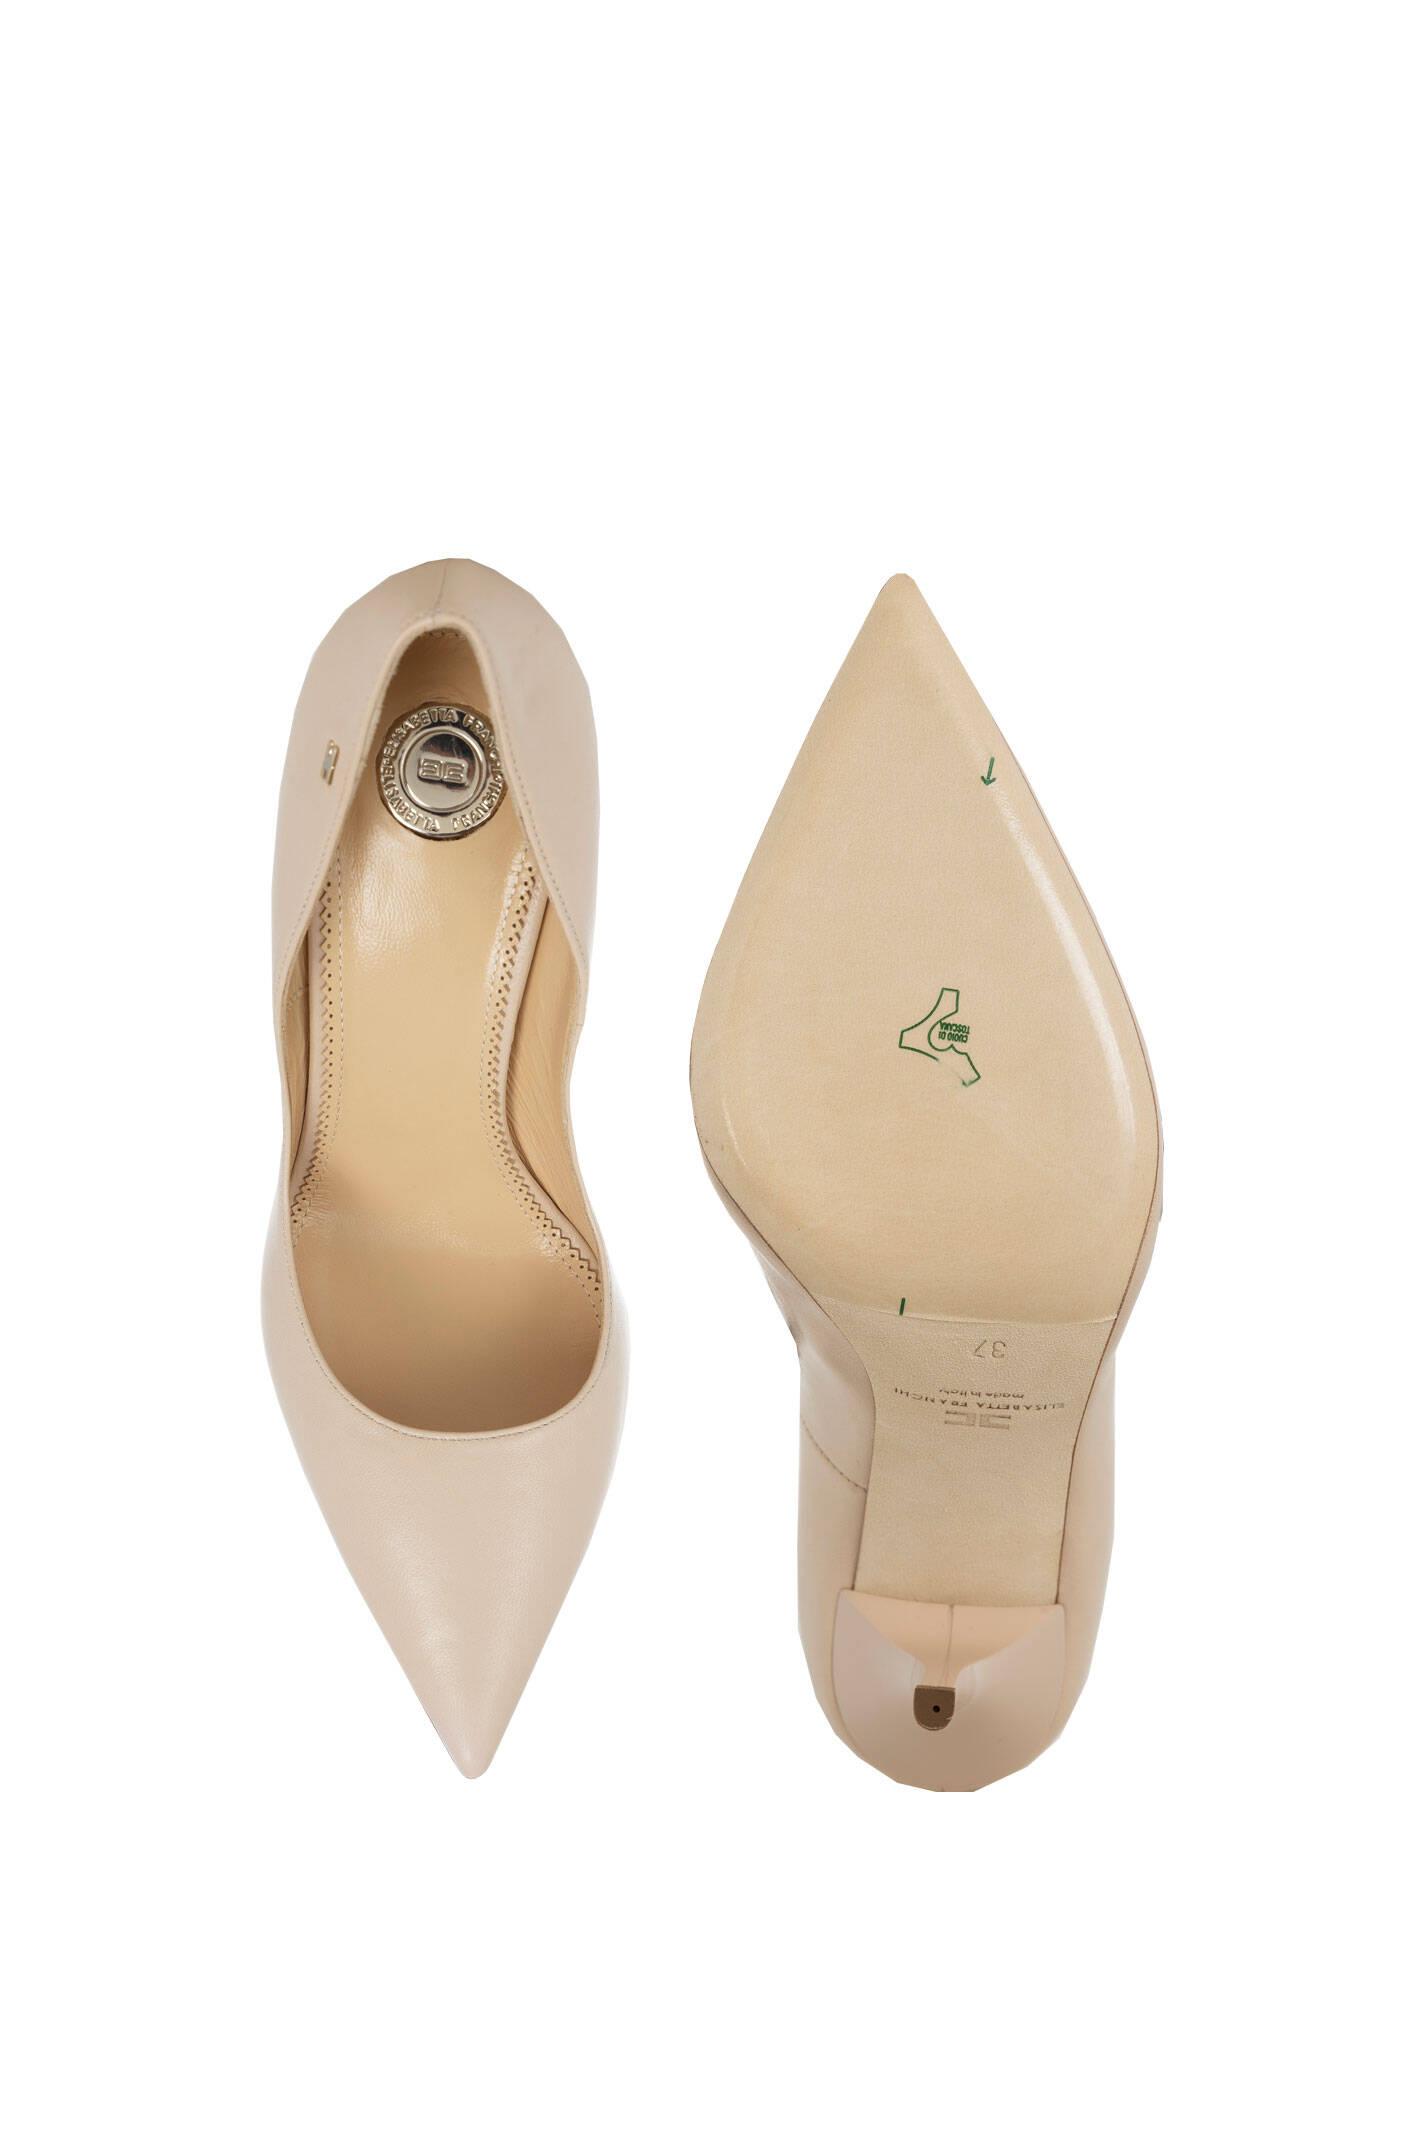 high heels elisabetta franchi beige heels. Black Bedroom Furniture Sets. Home Design Ideas